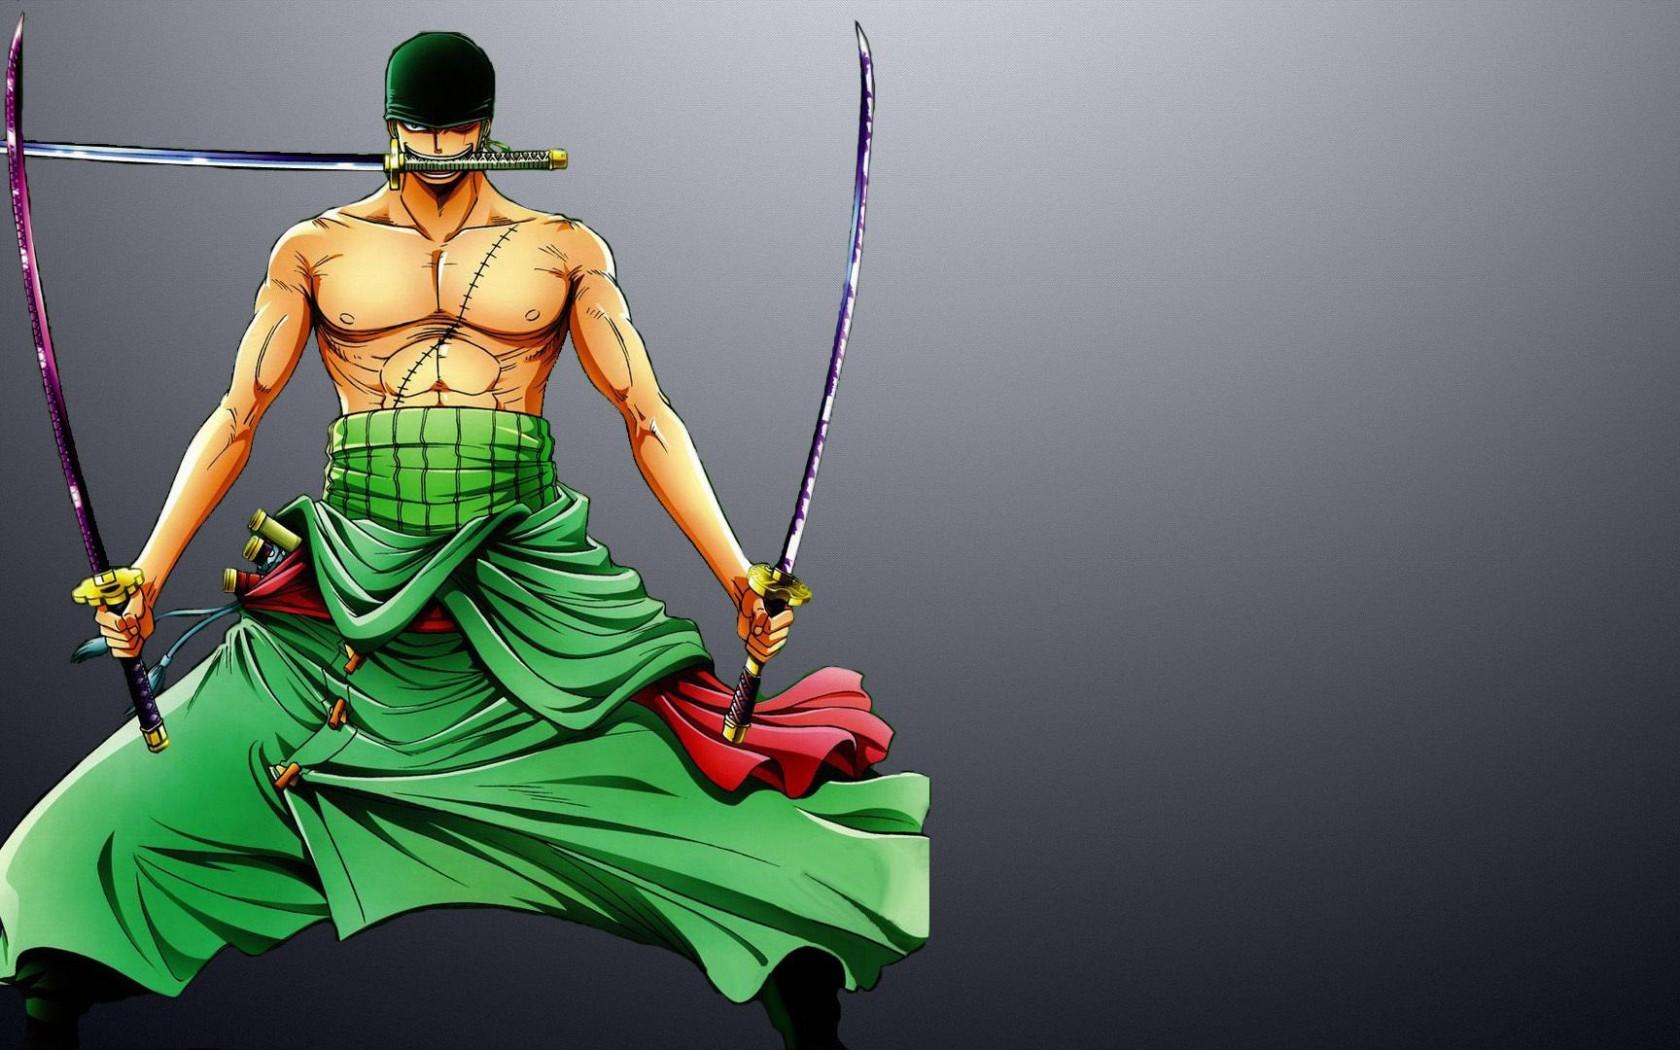 Roronoa Zoro with swords   One Piece HD desktop wallpaper 1680x1050